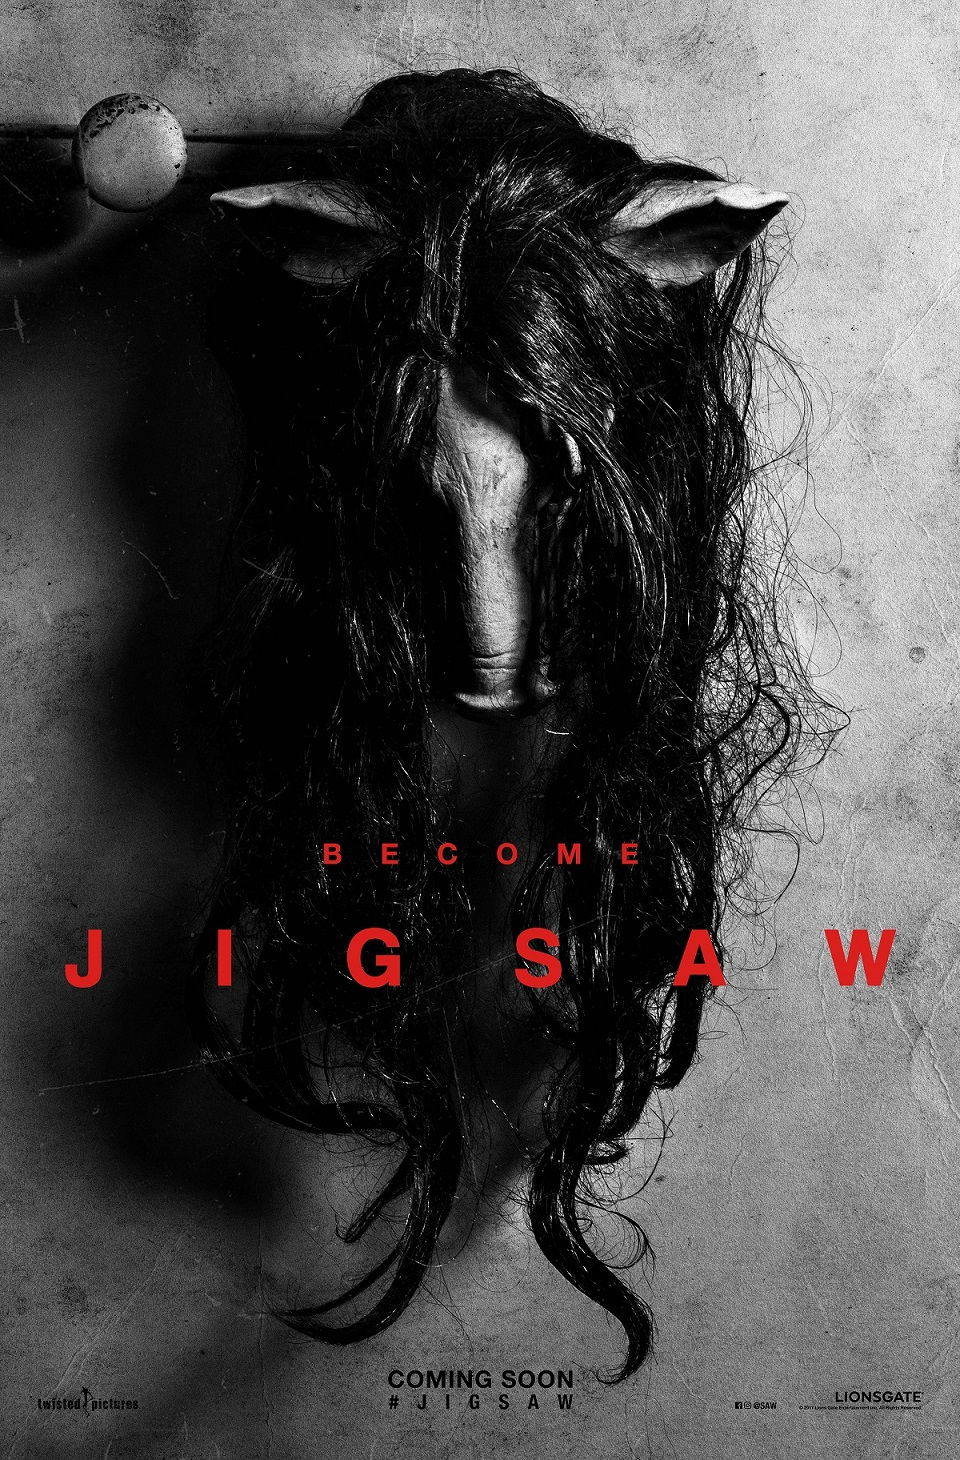 Jigsaw_Poster1_Announcement